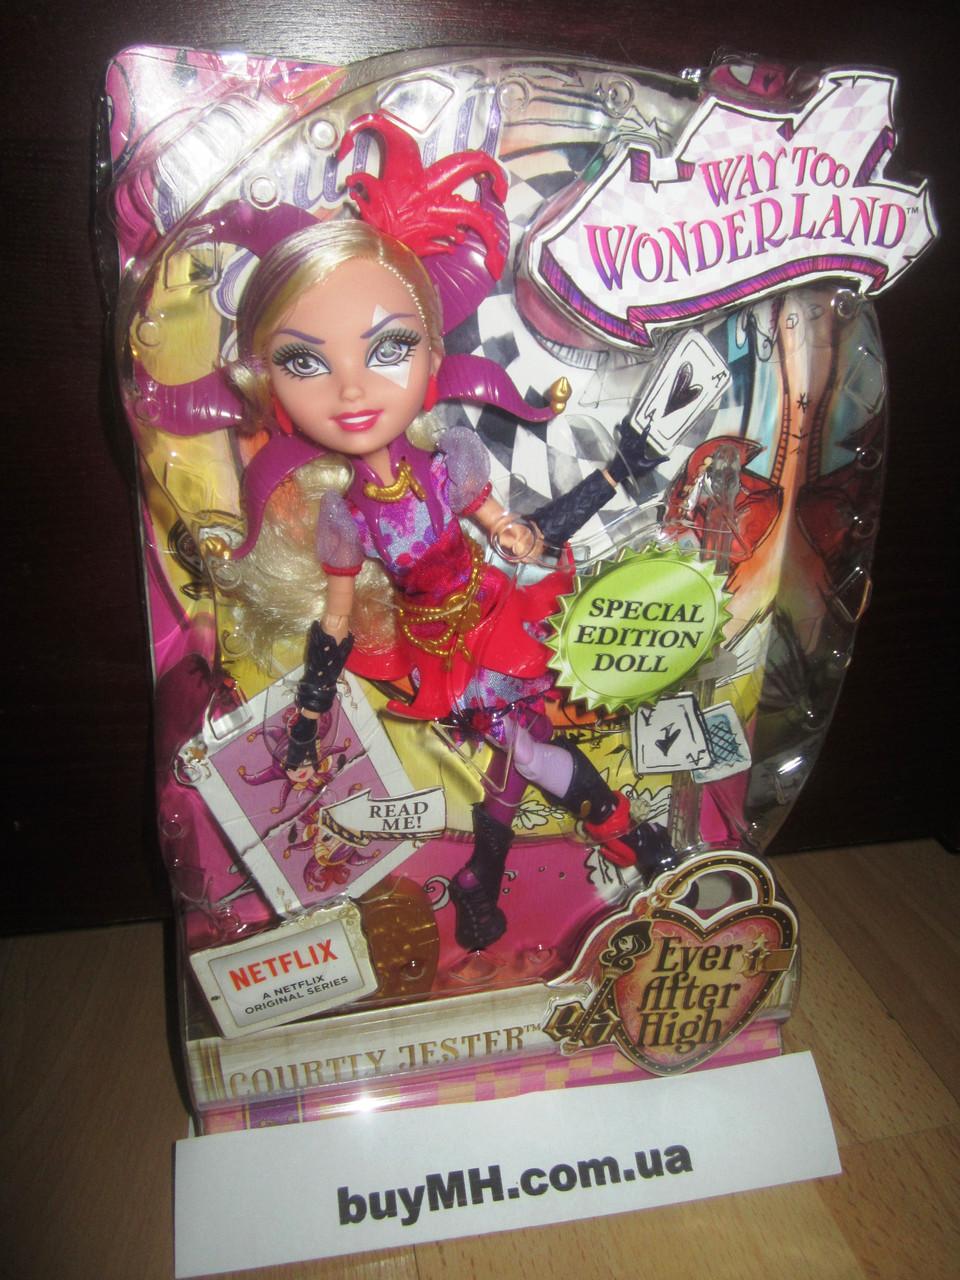 Кукла Кортли Джестер Ever After High Way Too Wonderland Courtly Jester, фото 1